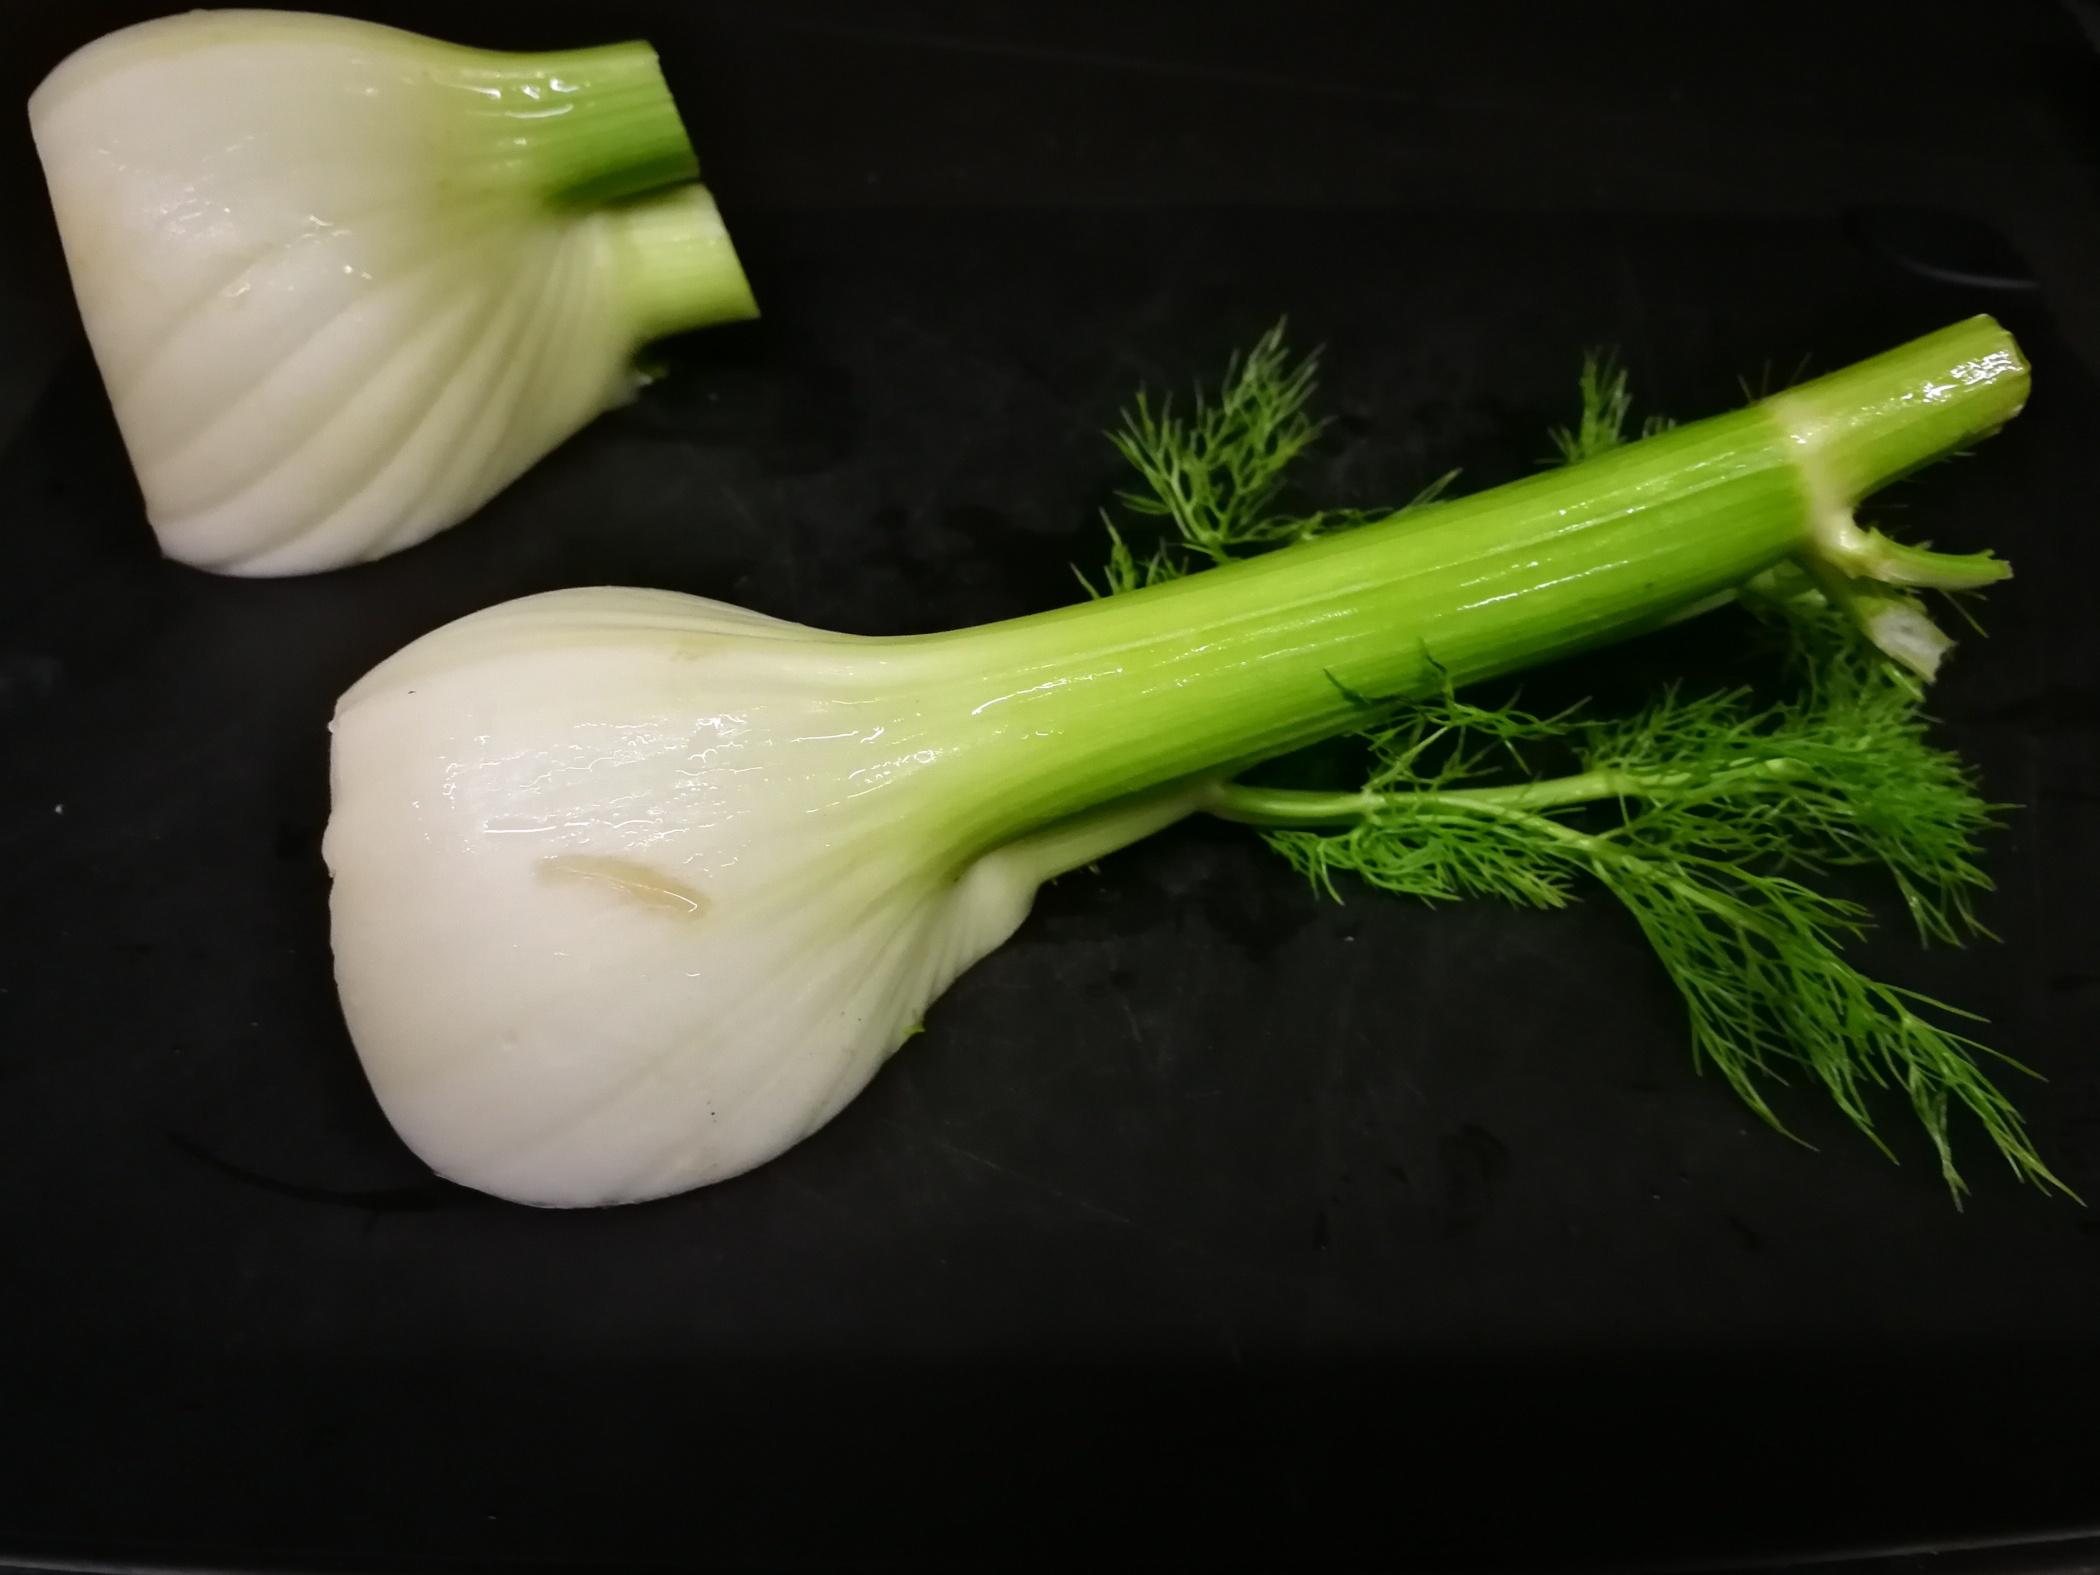 Cestovatelská kuchařka 16. díl - Dýně a fenykl z kempu v Gisborne